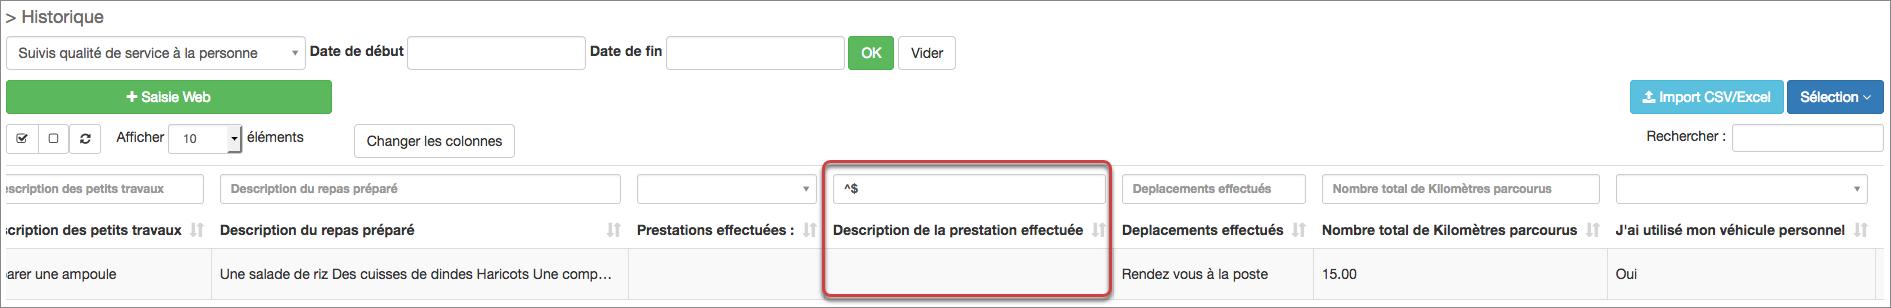 comment filtrer un champ non saisie par un utilisateur